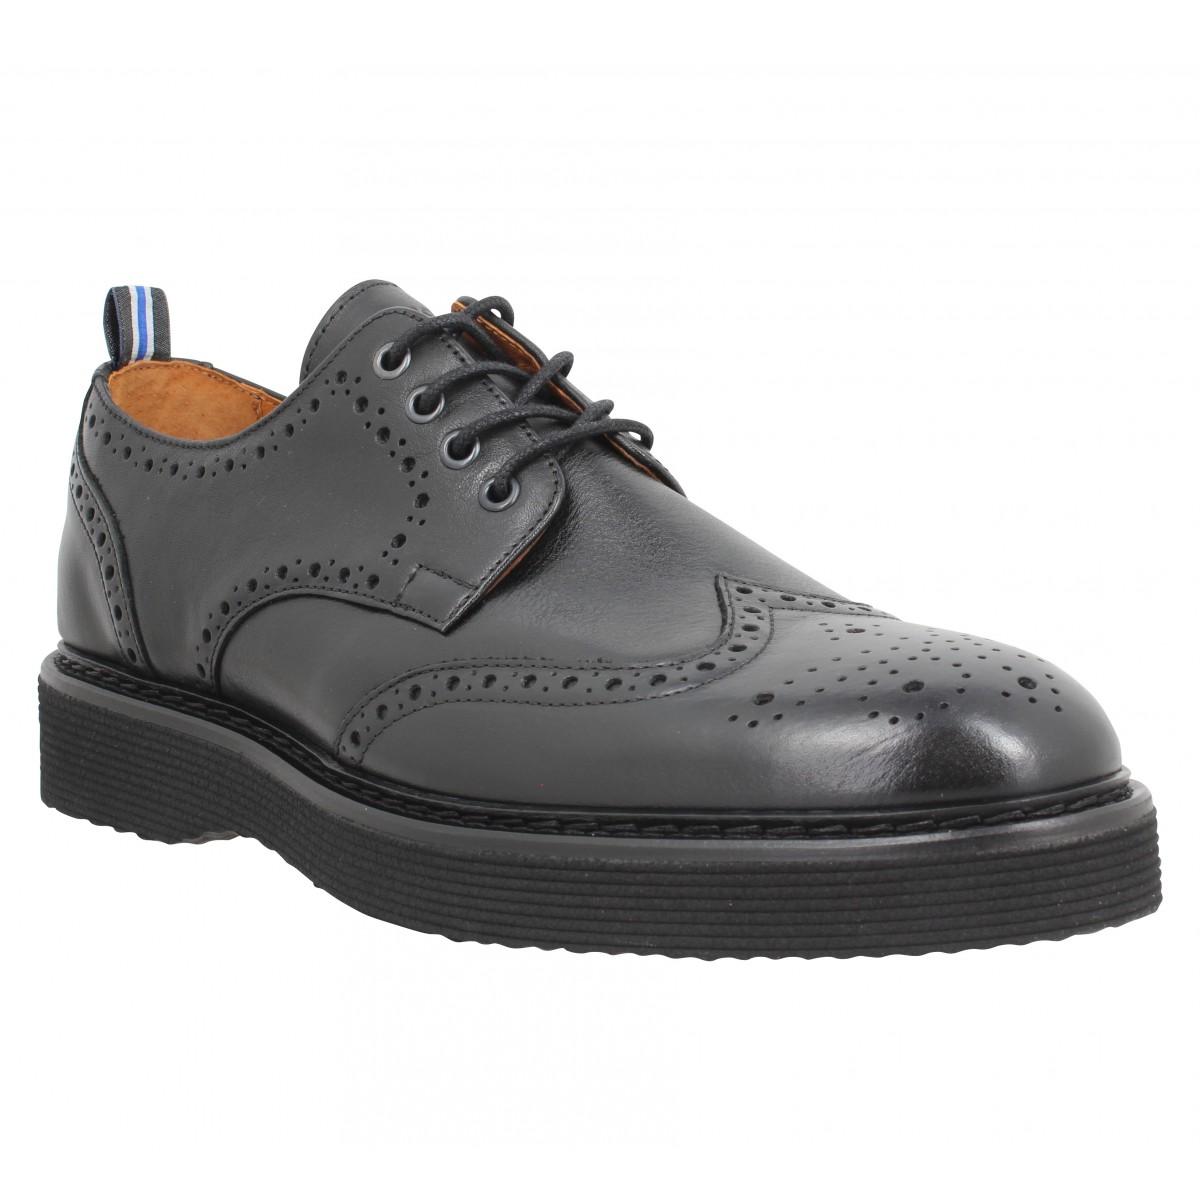 Chaussures à lacets SCHMOOVE Roma Perfo cuir antik Homme Noir